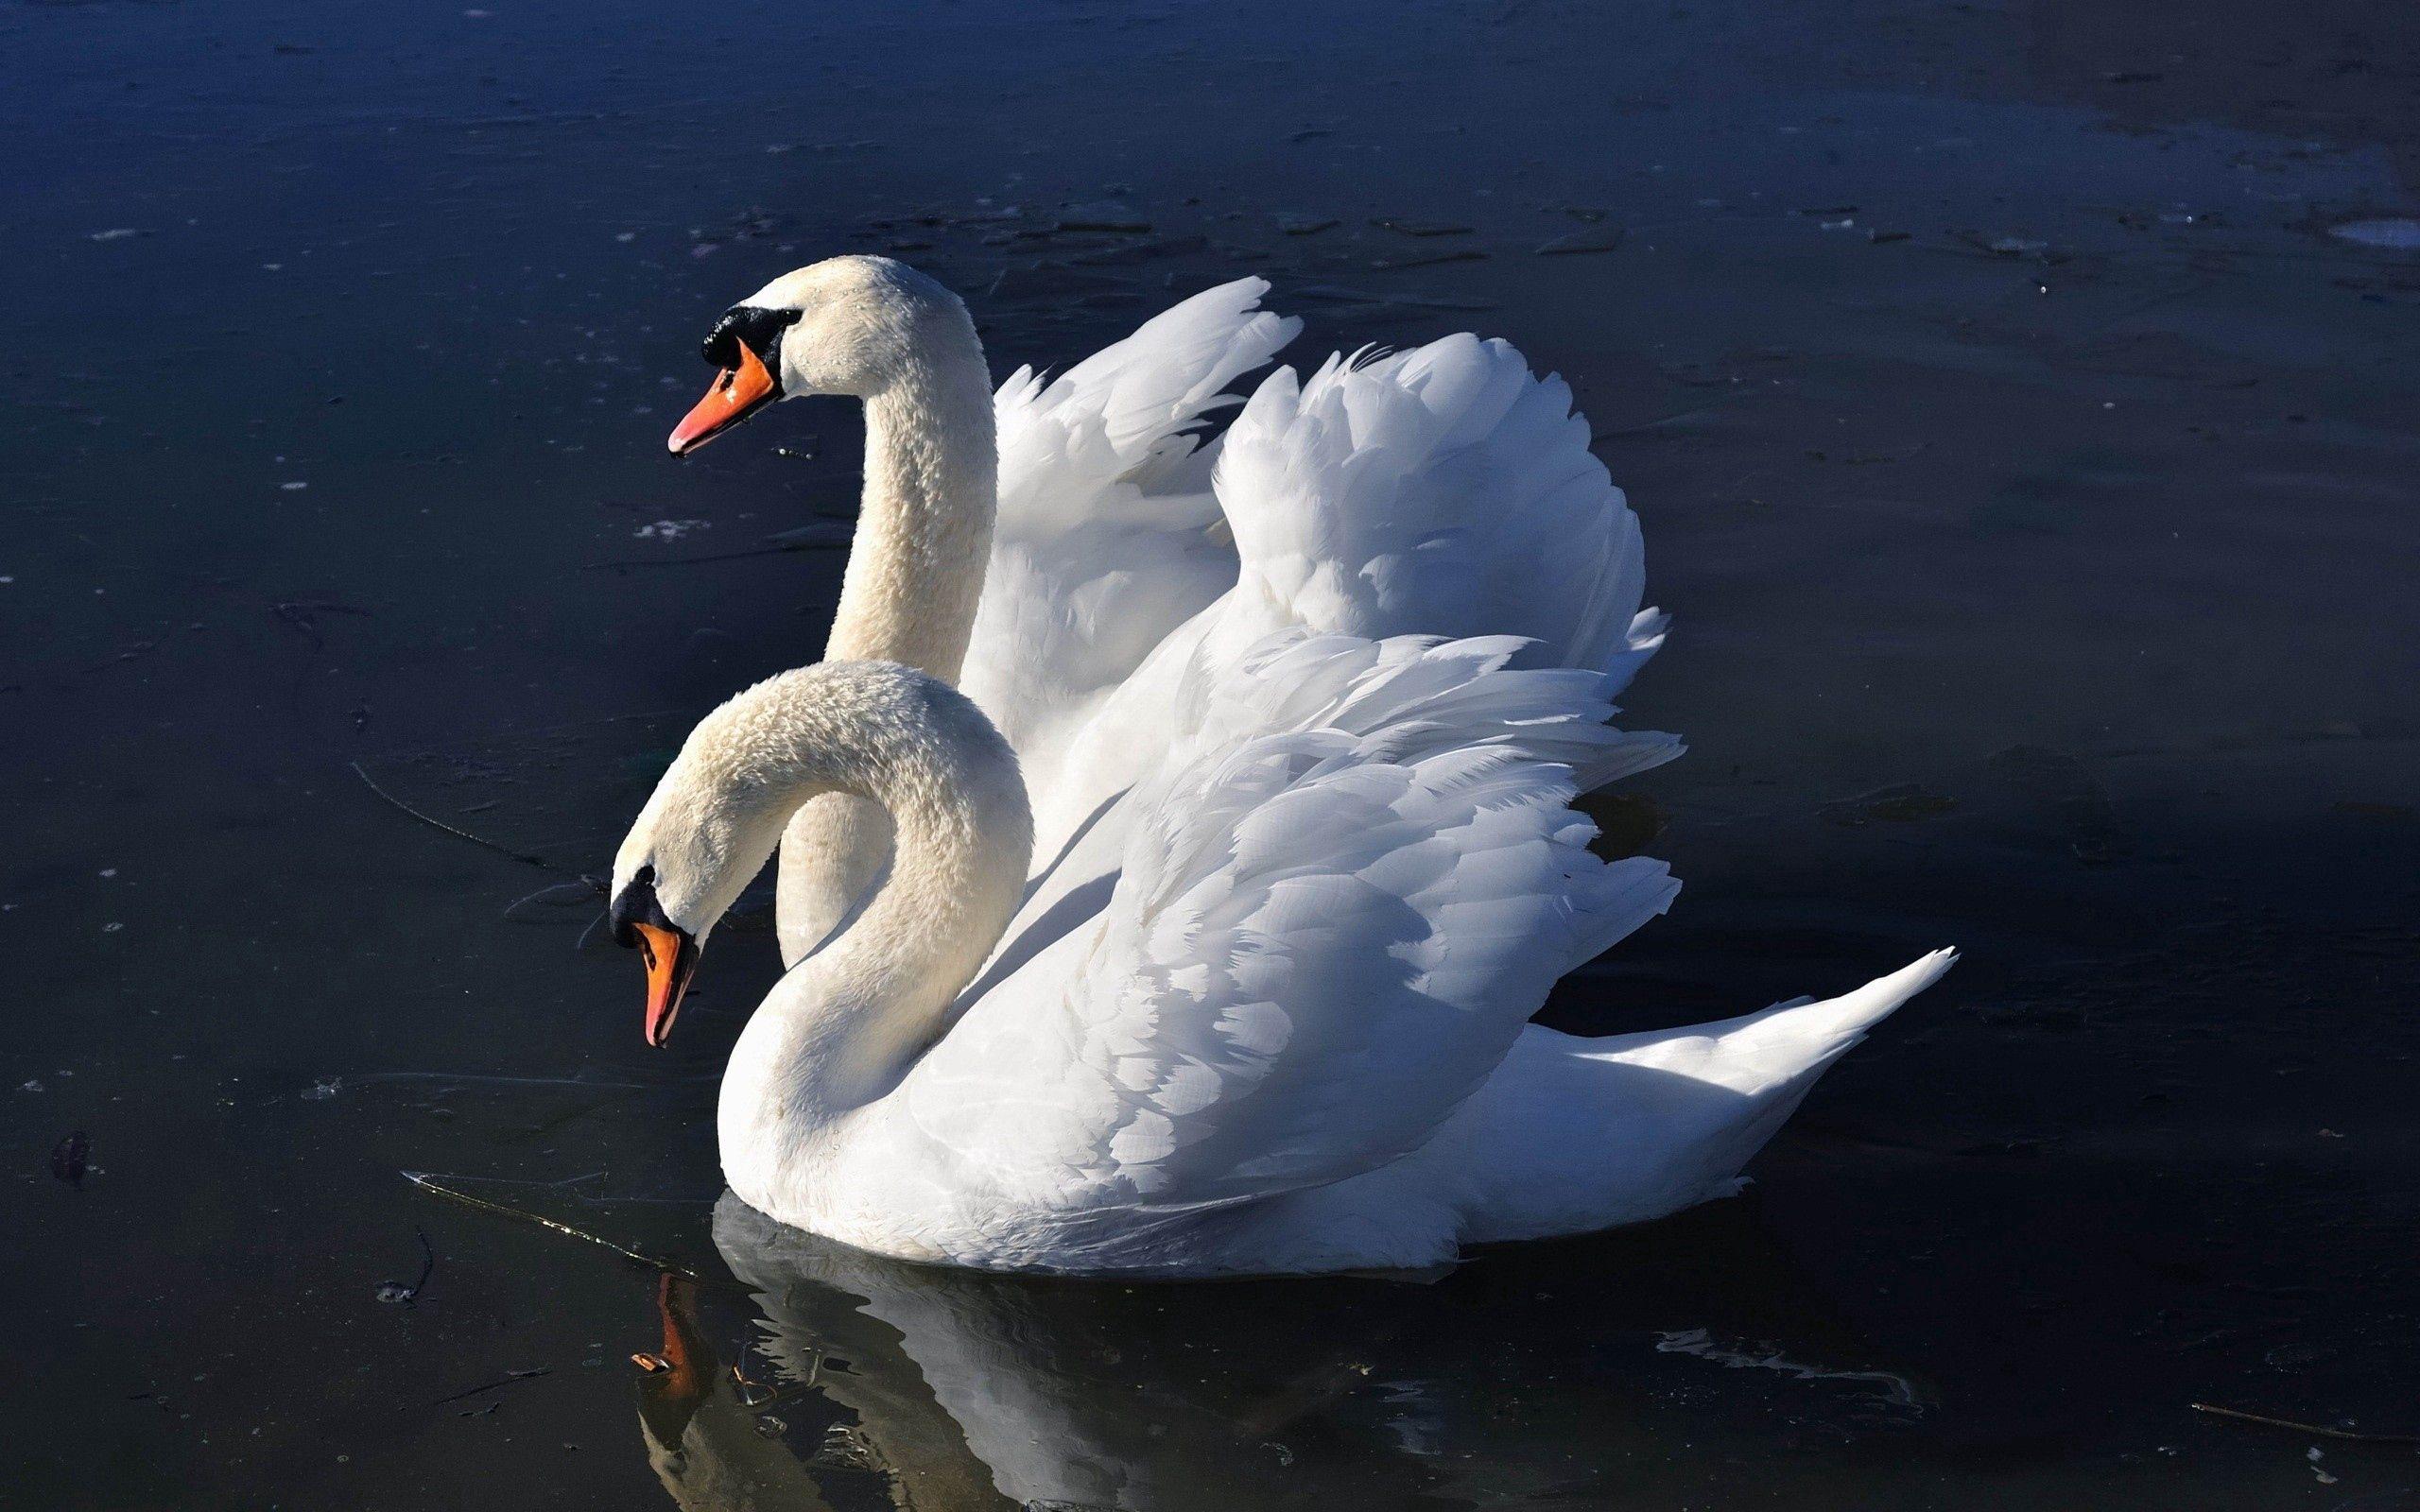 150332 Hintergrundbild herunterladen Tiere, Vögel, Wasser, Swans - Bildschirmschoner und Bilder kostenlos